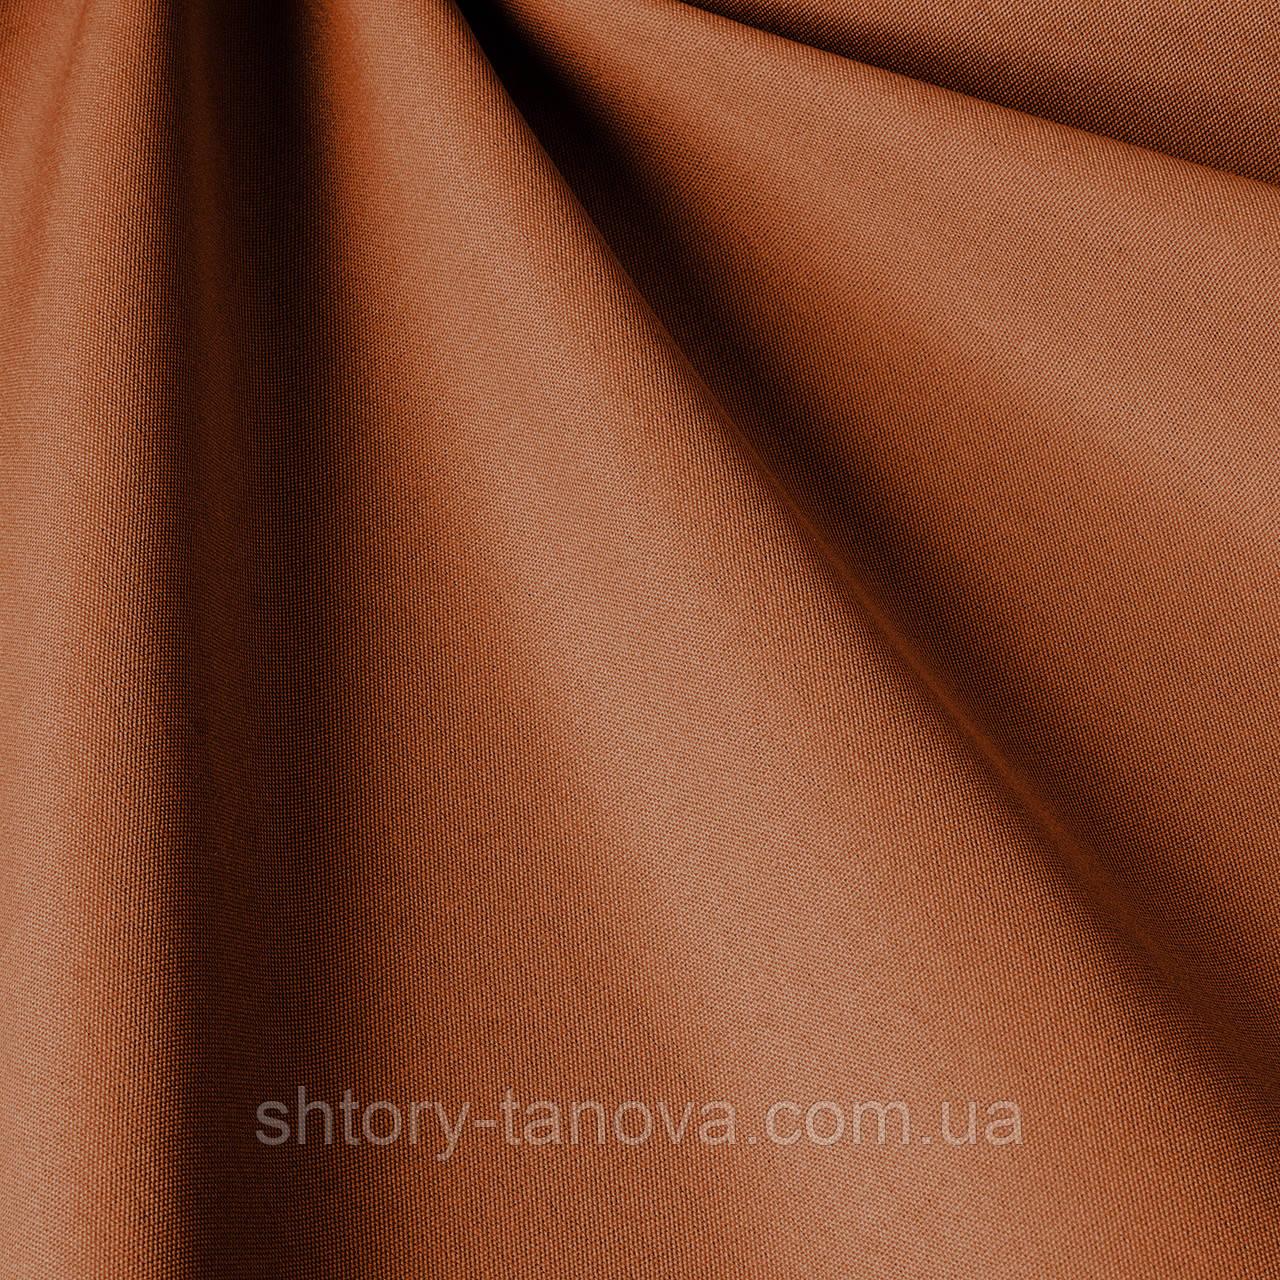 Однотонна тканина для вулиці теракотового кольору